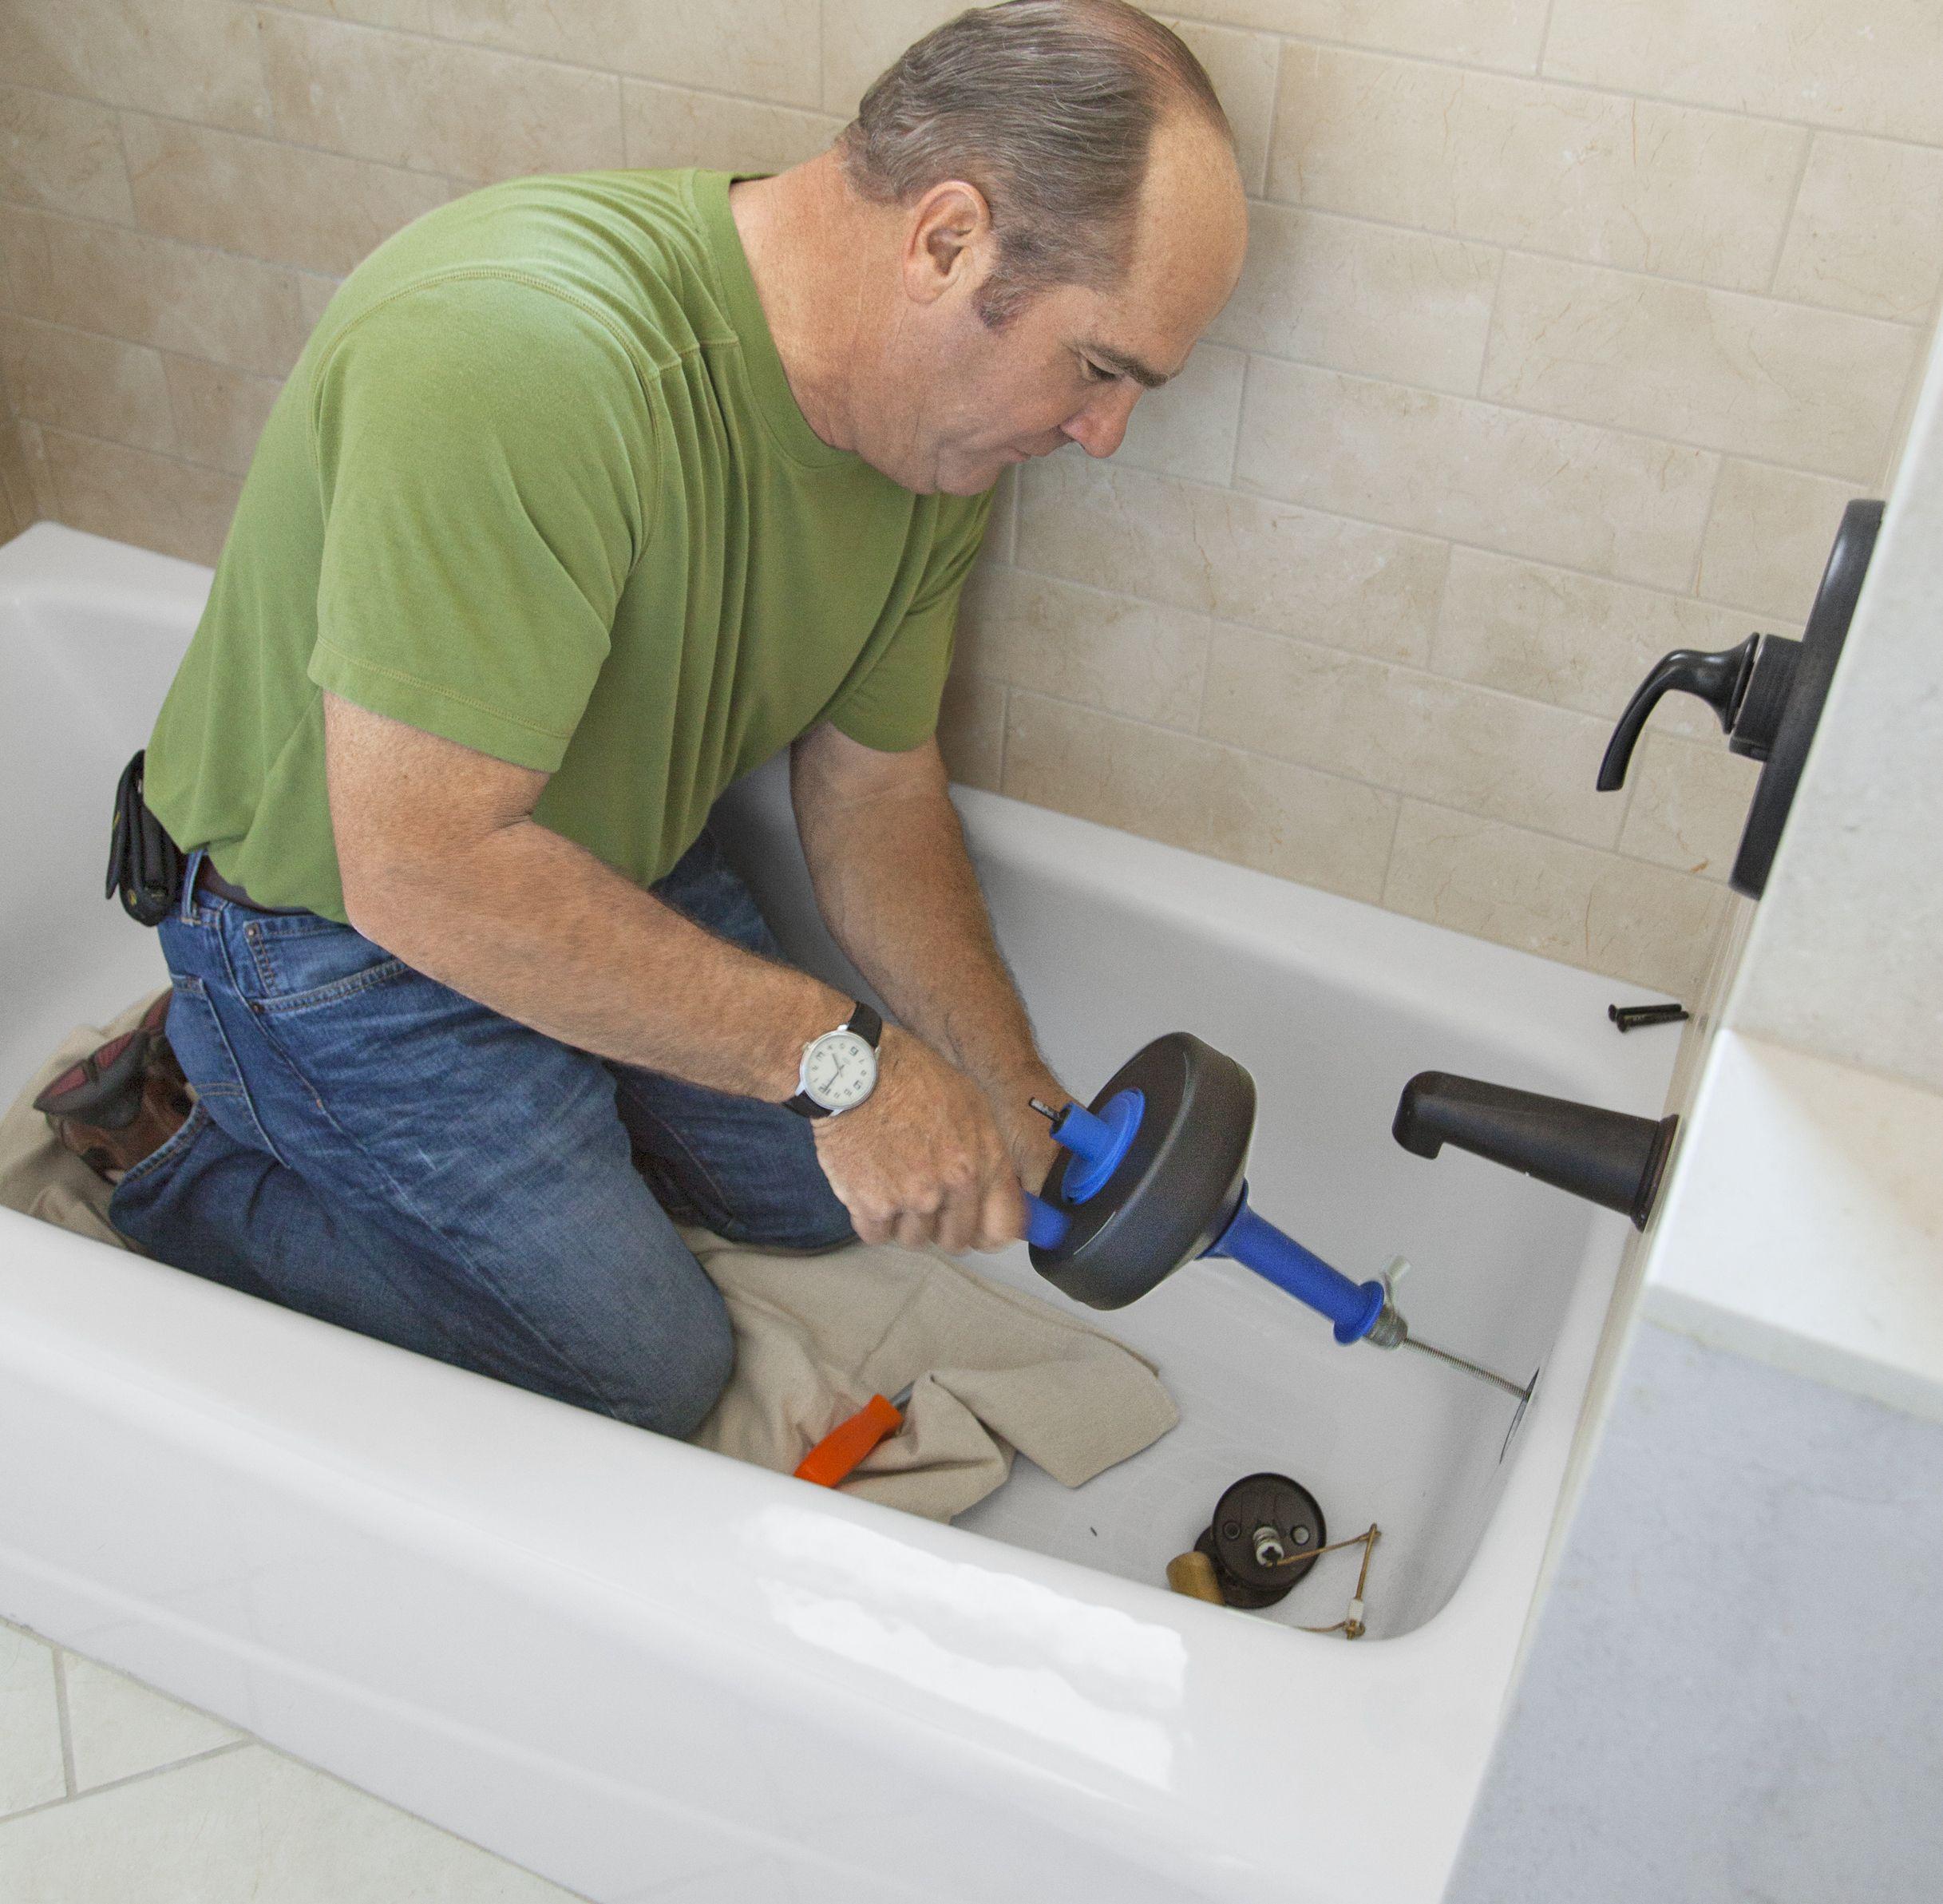 Awesome Richard Trethewey Gives Advice On How To Unclog A Slowly Draining Bathtub